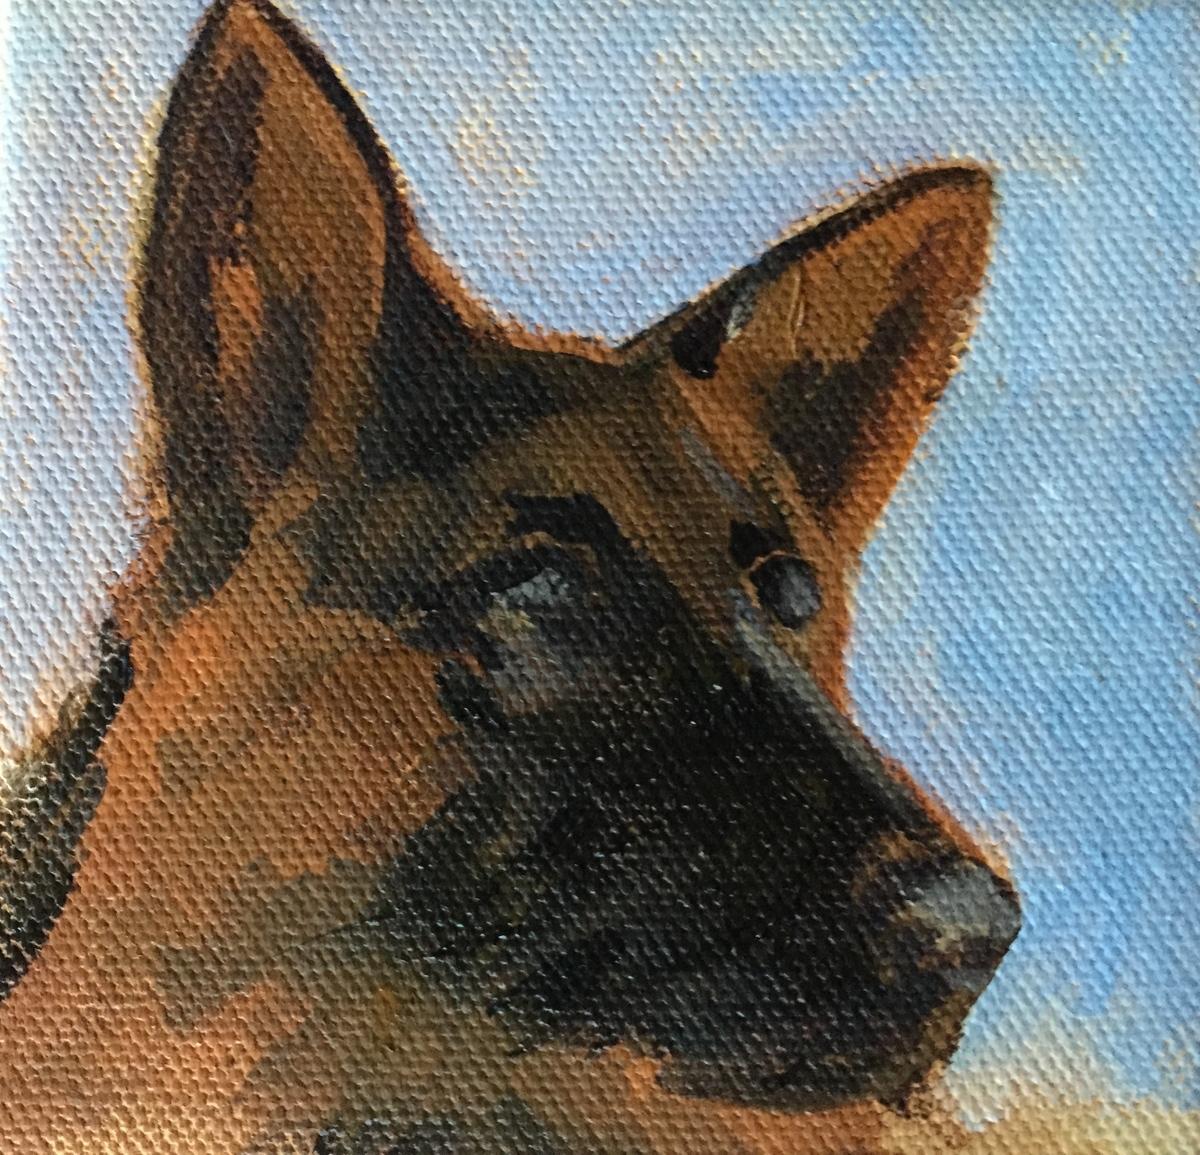 German Shepherd (large view)